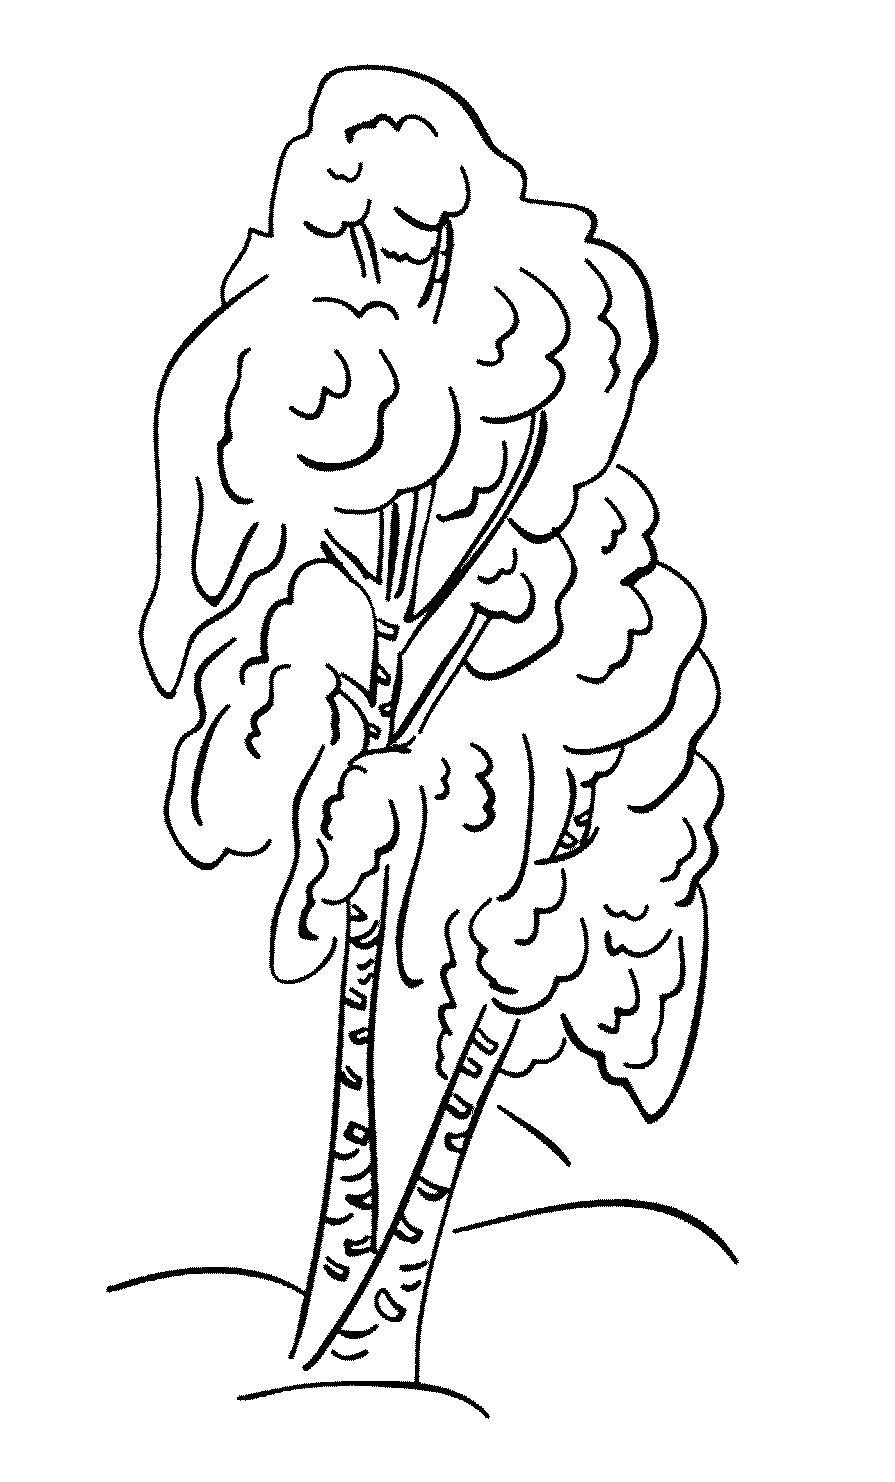 Раскраска  белая береза: зимой, без листьев, . Скачать дерево.  Распечатать растения